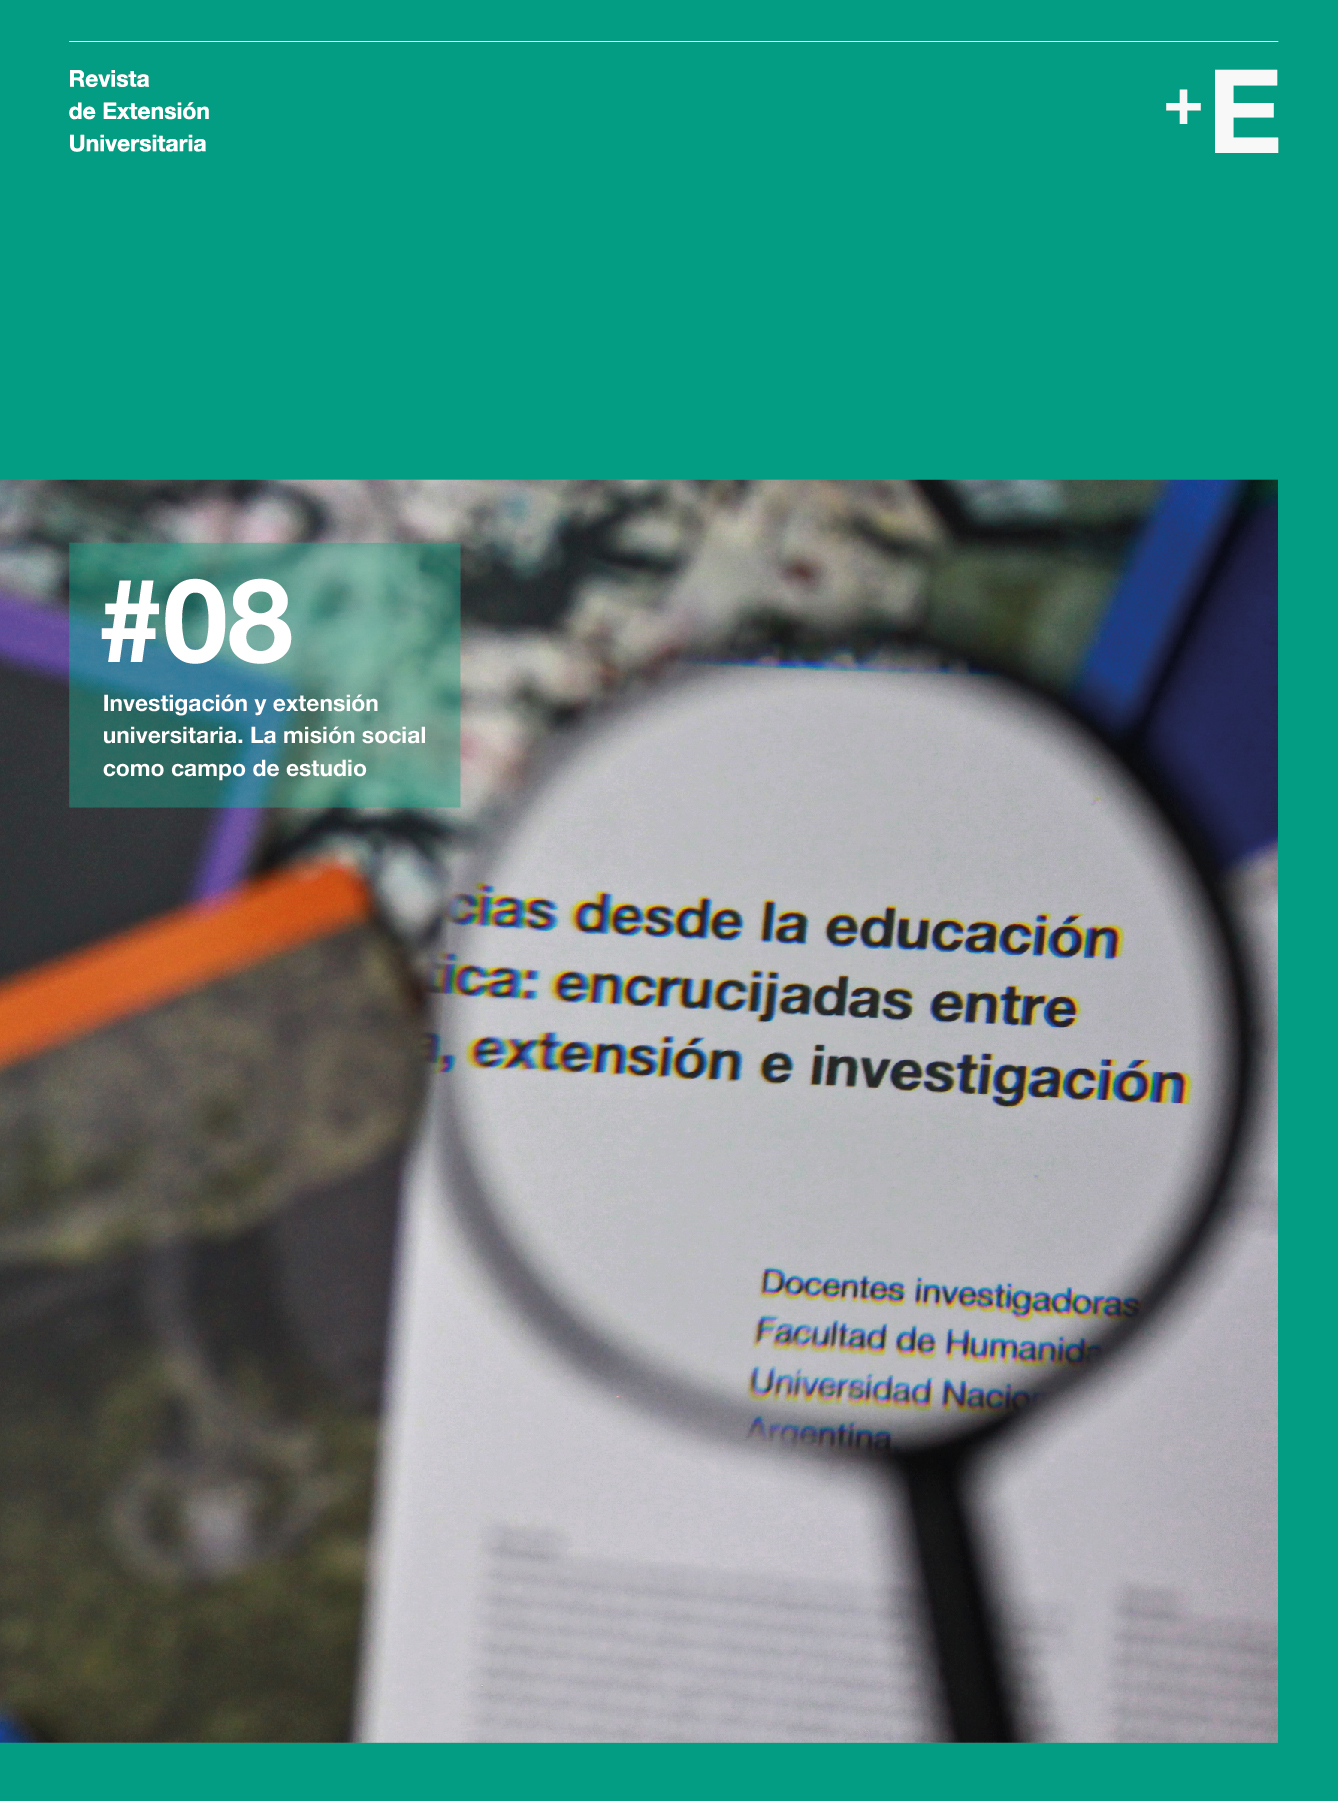 # 08. Investigación y extensión universitaria. La misión social como campo de estudio